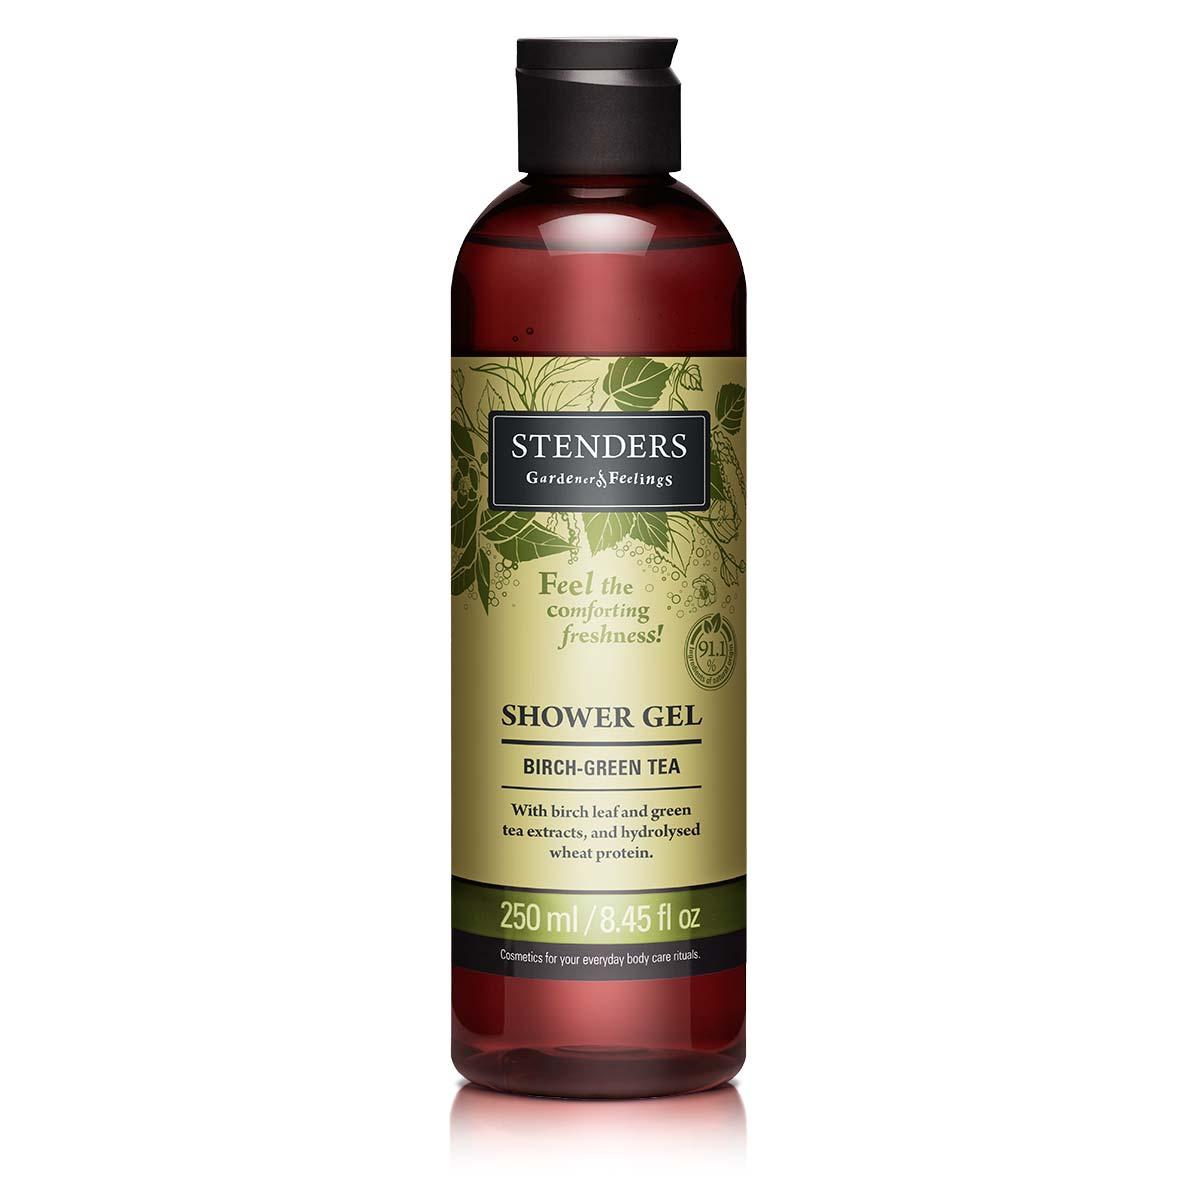 Stenders Гель для душа с экстрактом березовых листьев и зеленого чая, 250 мл - Косметика по уходу за кожей